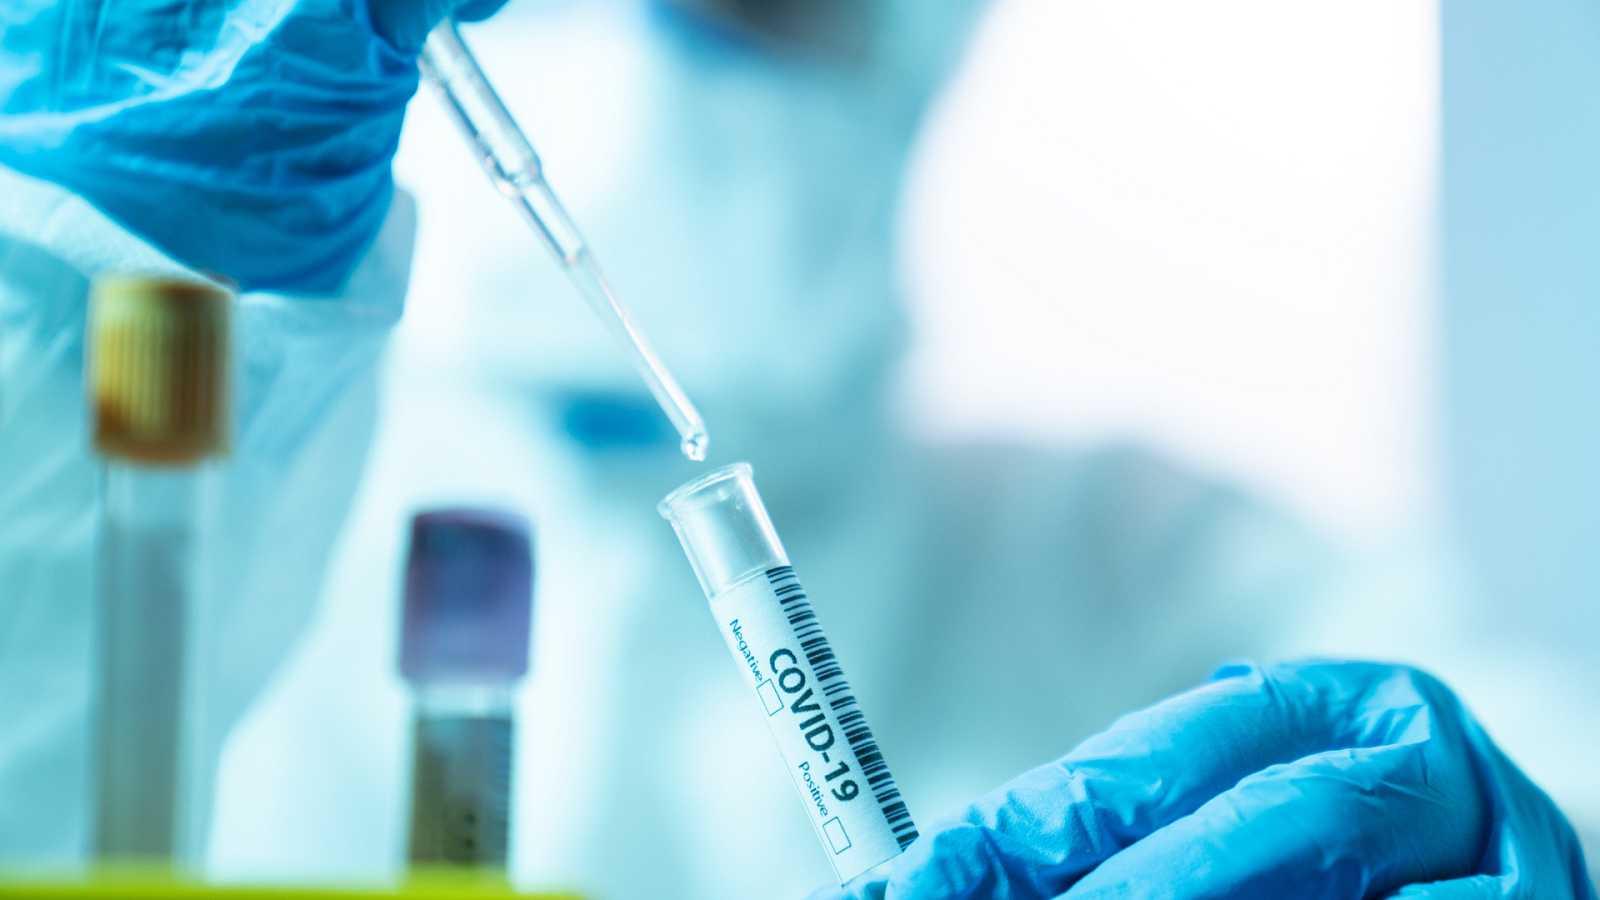 El nuevo test de coronavirus creado en un laboratorio español